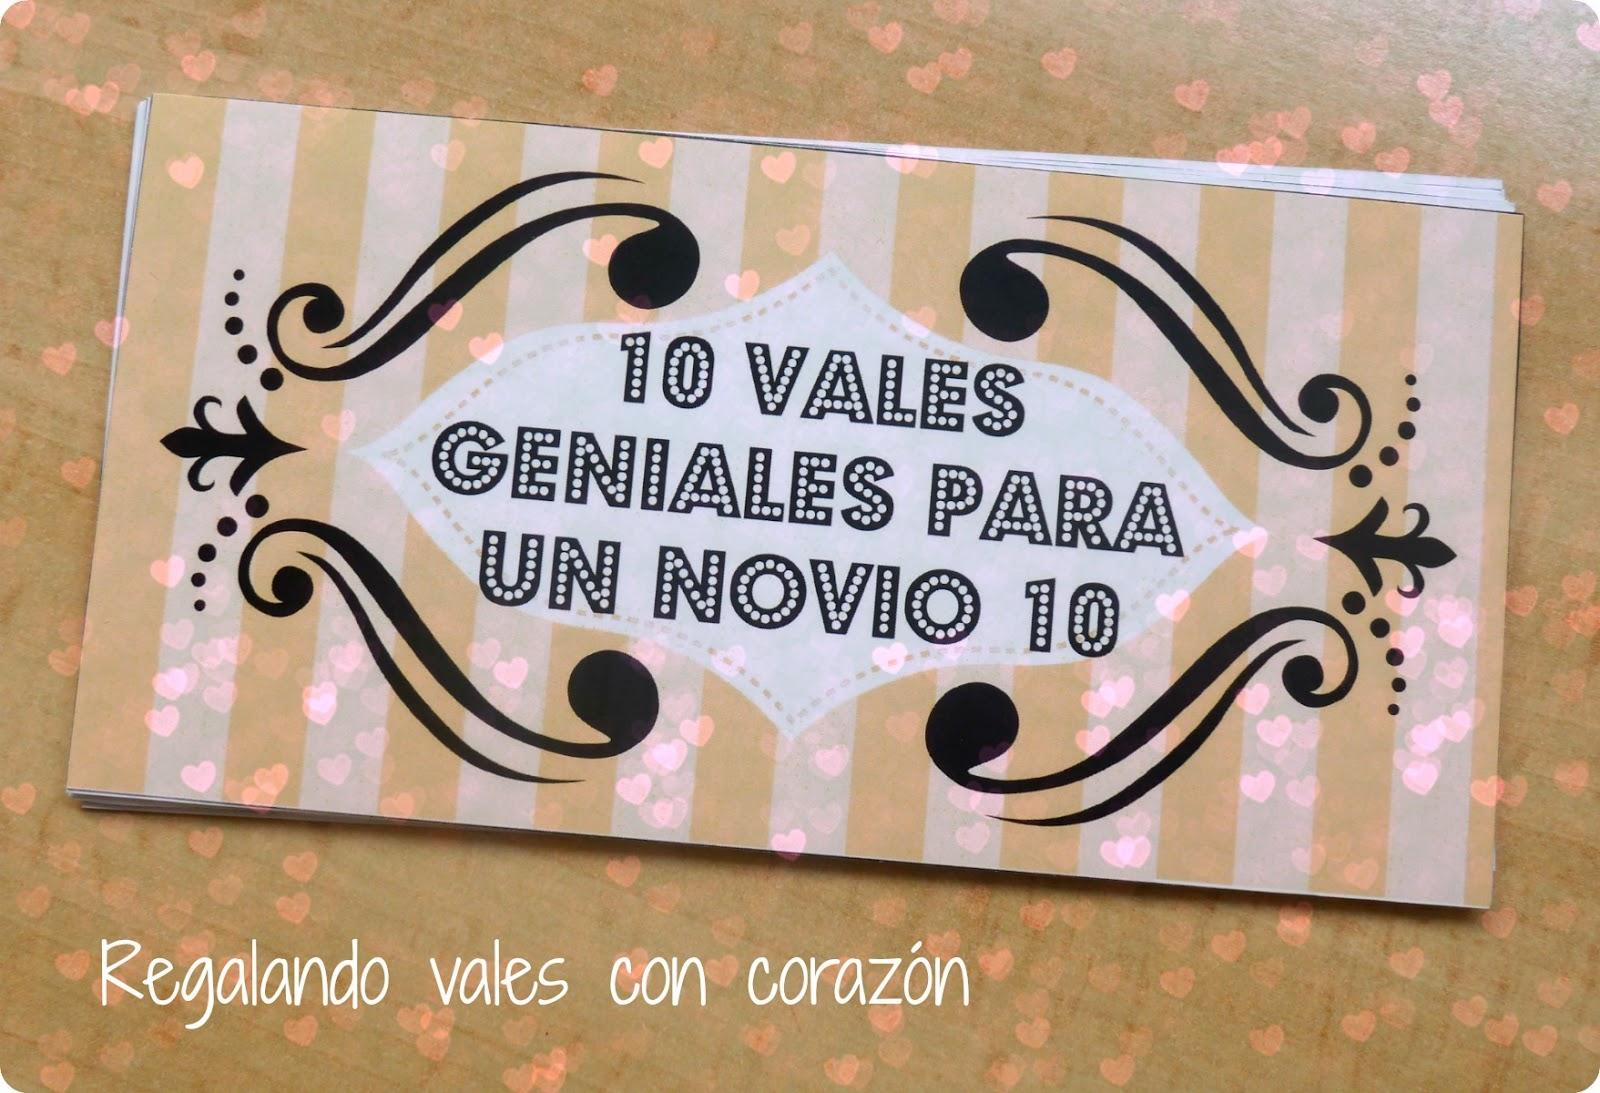 Mi mundo de baldosas amarillas: 10 vales geniales para un novio 10 (DIY)